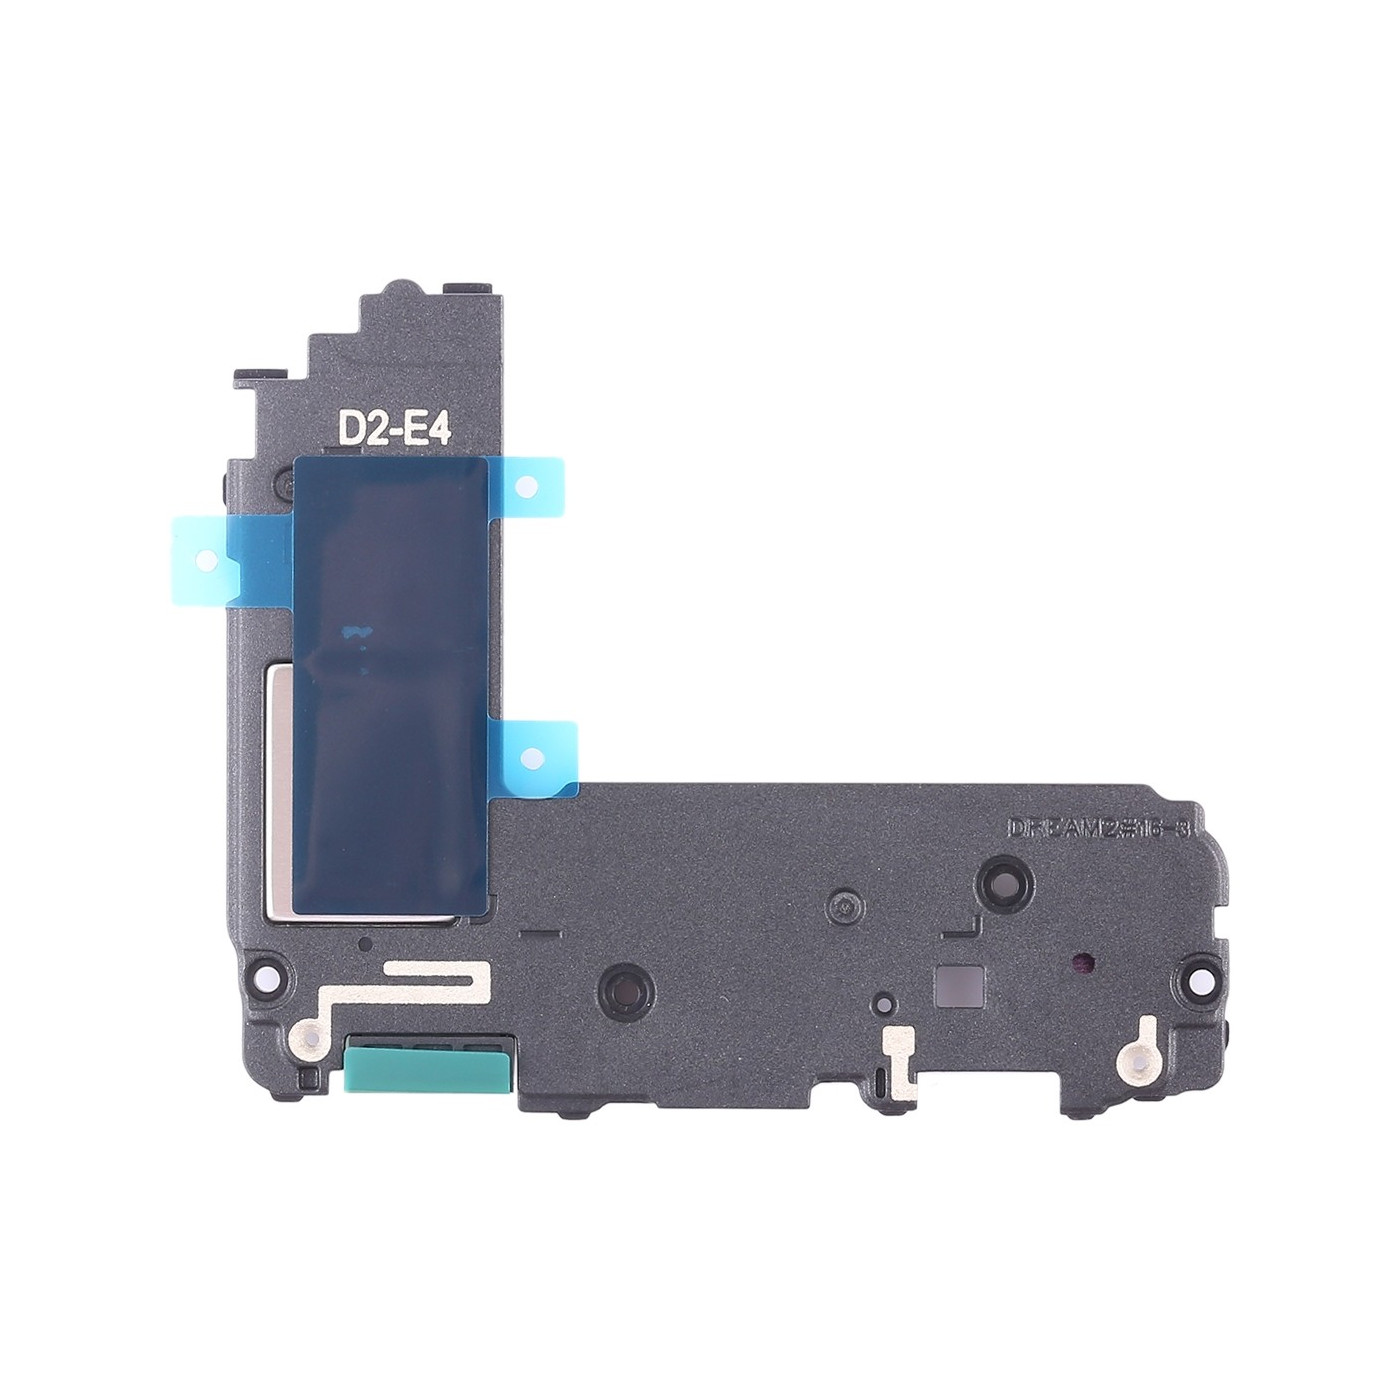 Lautsprecher Lautsprecher für Galaxy S8 + G955F Fall Nieder